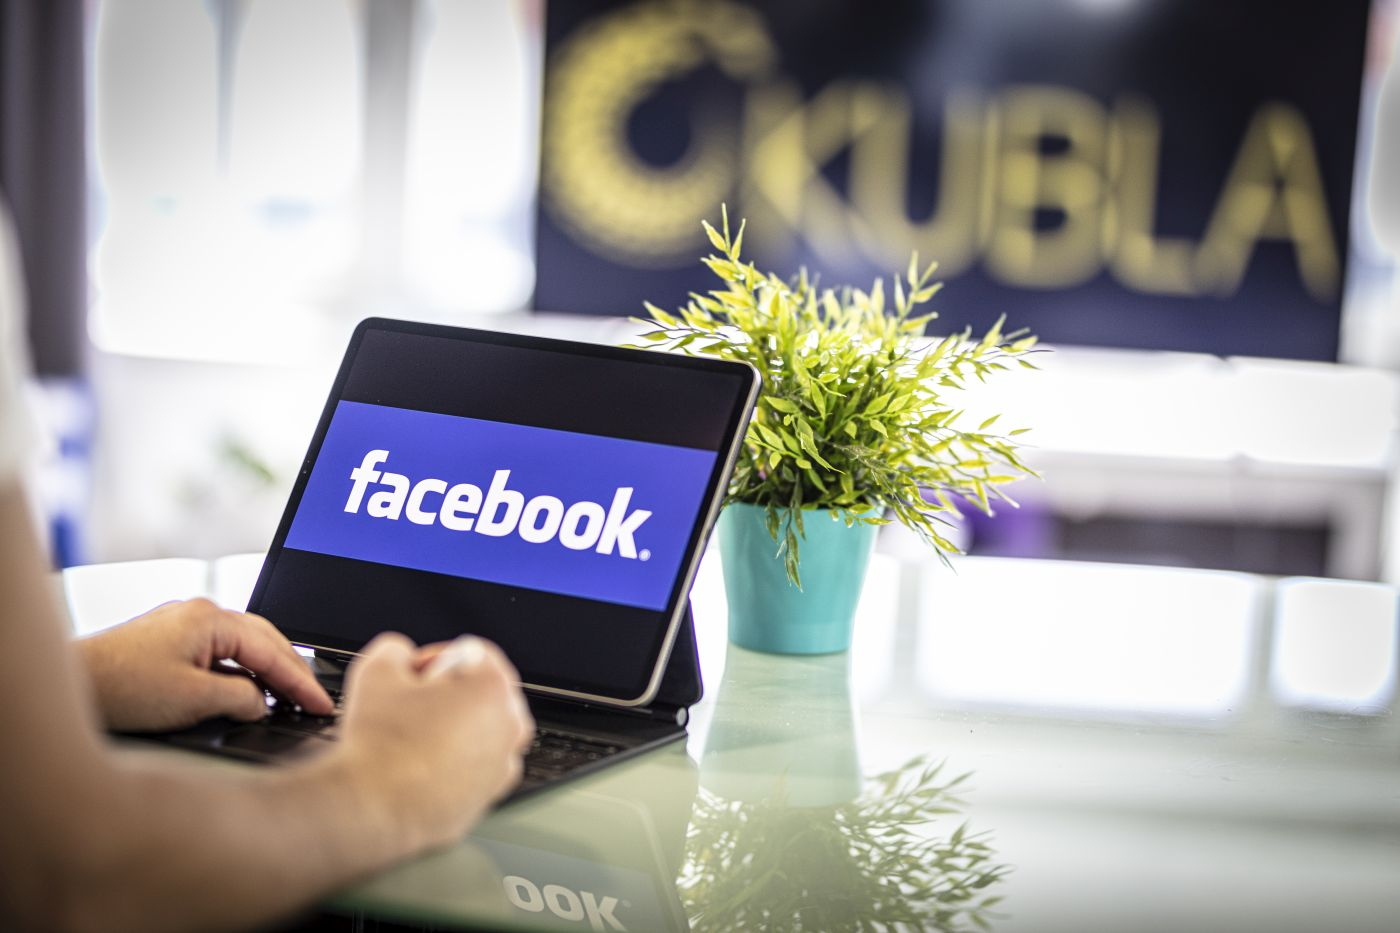 Facebook mainoksen rakenne